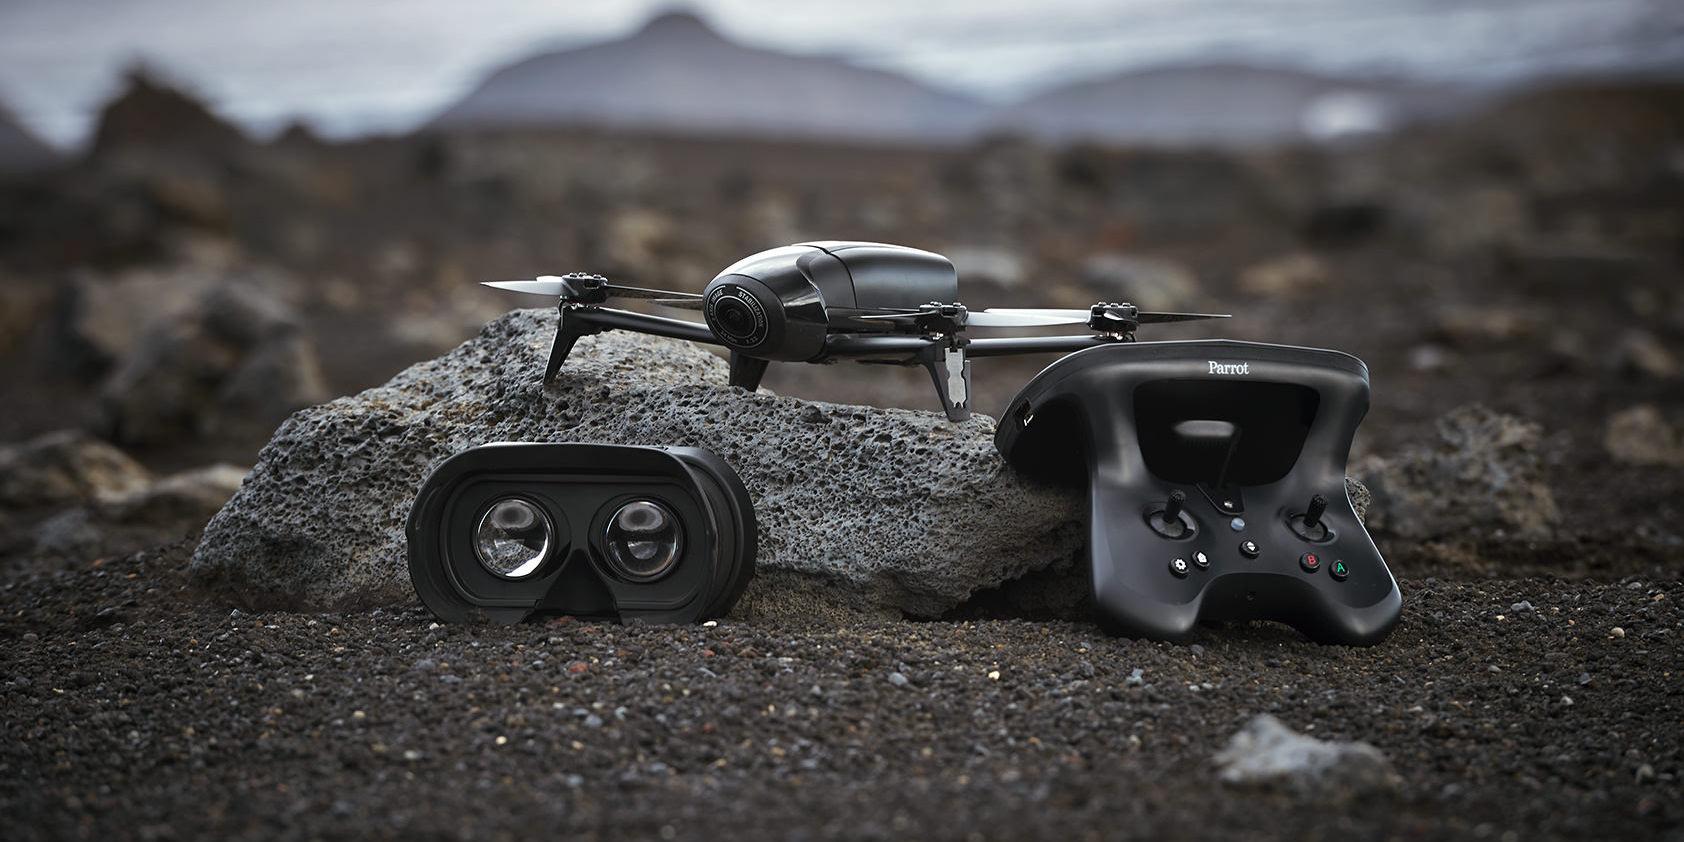 drone camera movement